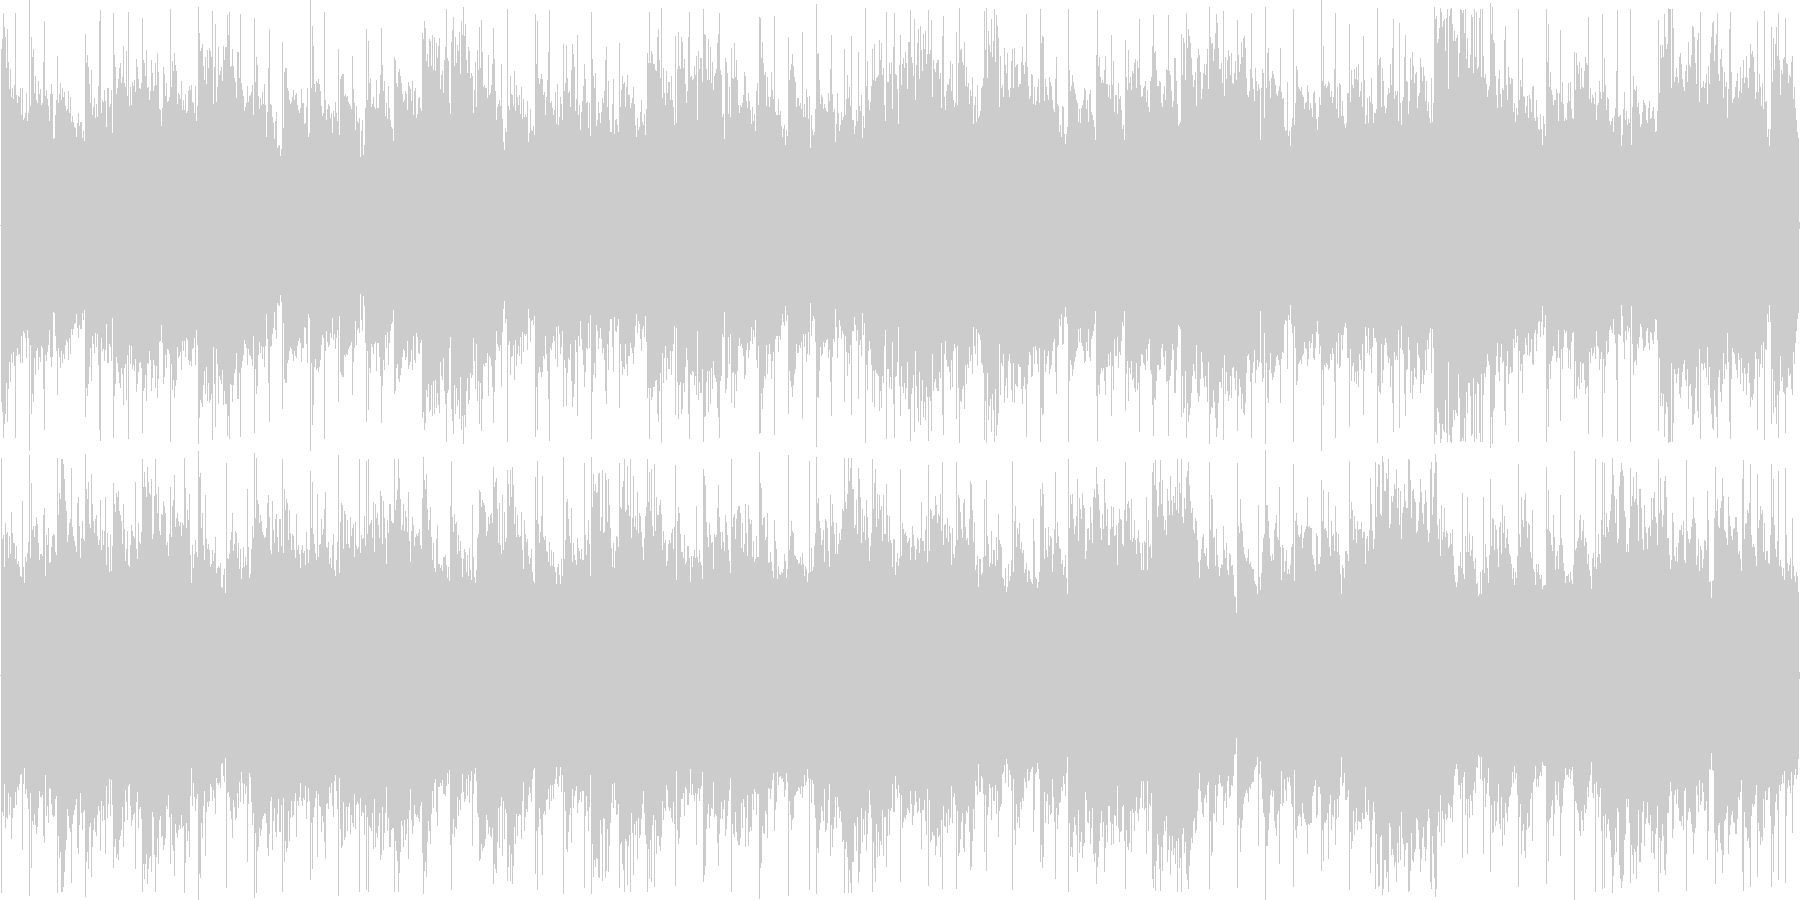 浮遊感のある近未来的な雰囲気のBGMの未再生の波形